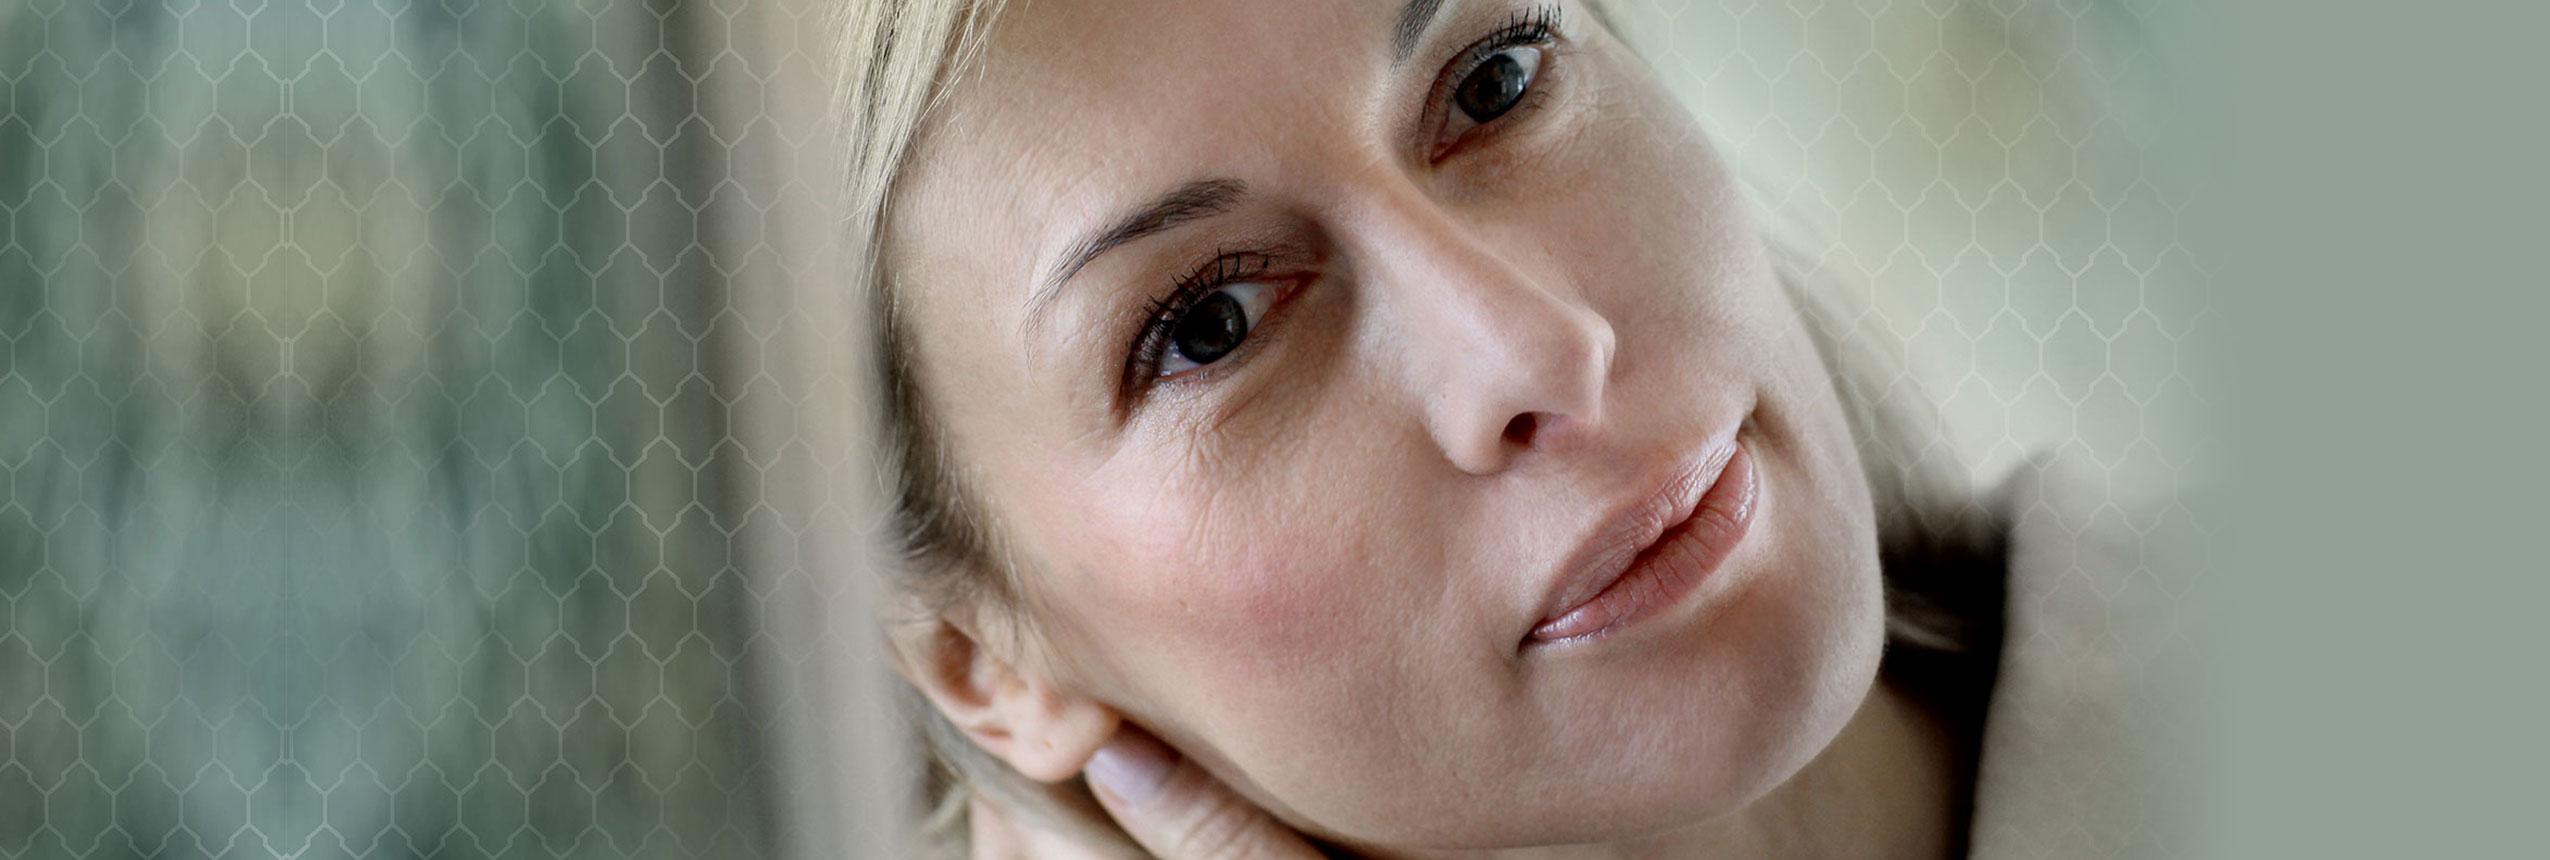 faltenunterspritzungen hautarzt muenchen - Faltenunterspritzungen